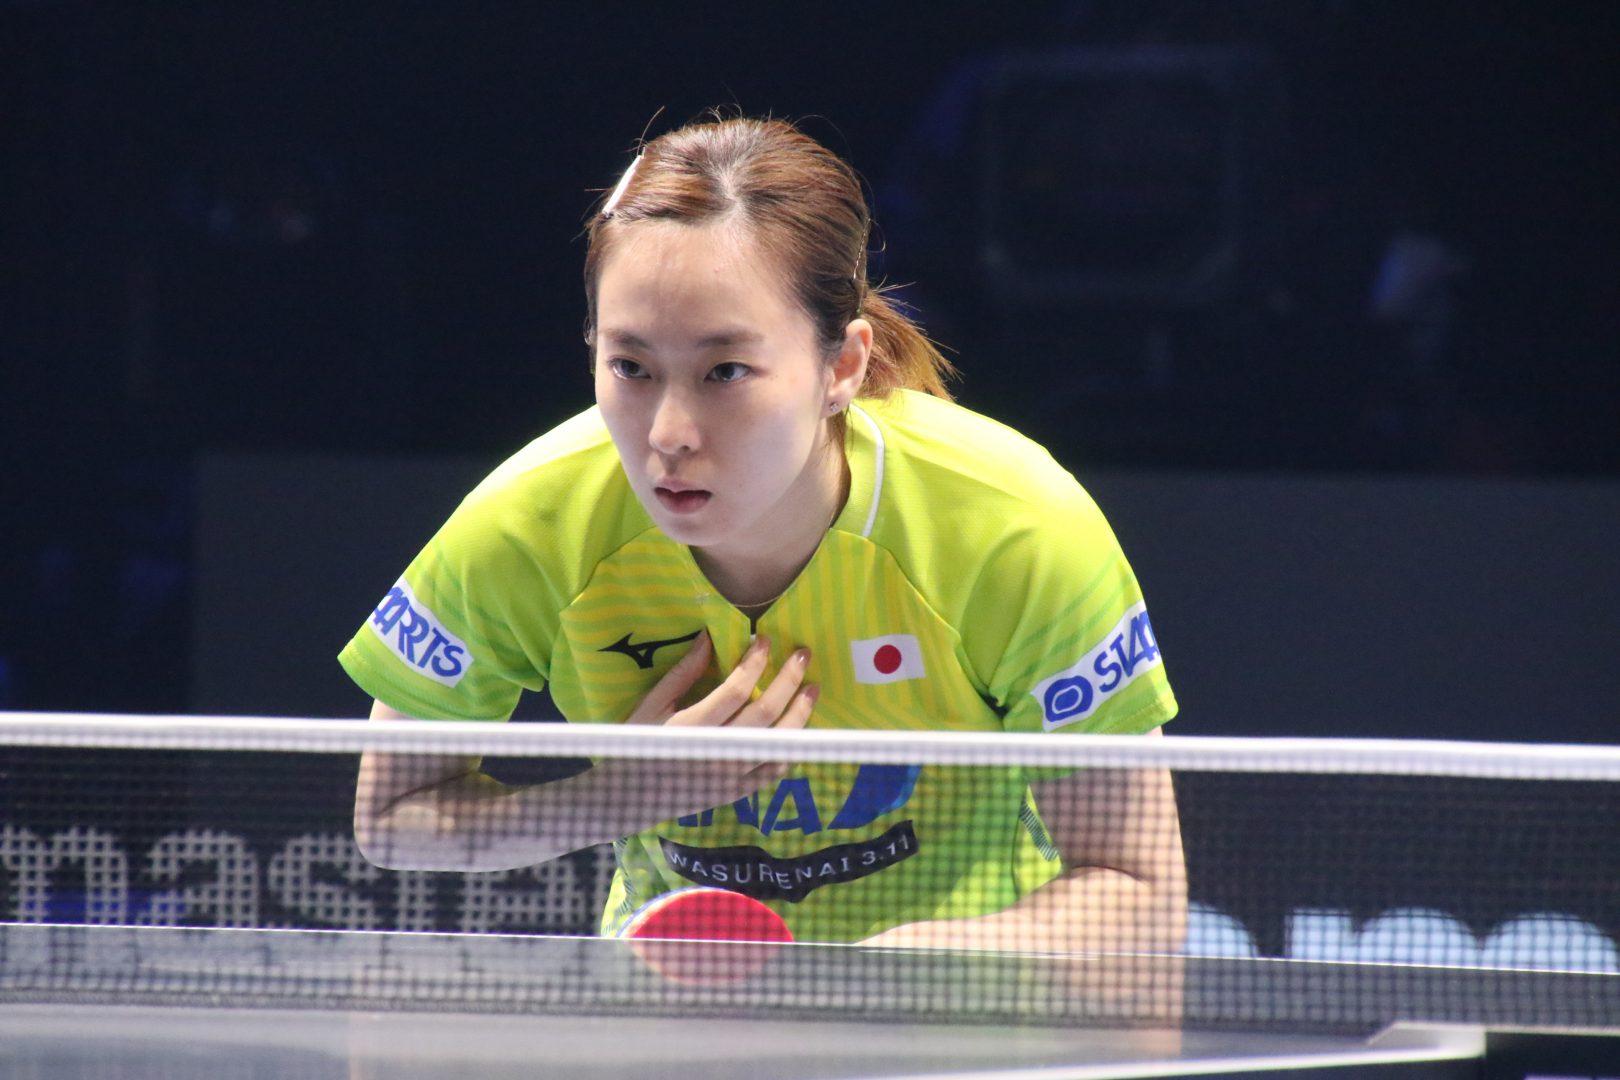 トップ10に石川、伊藤、平野 他6名は中国勢|卓球女子世界ランキング(8月最新発表)